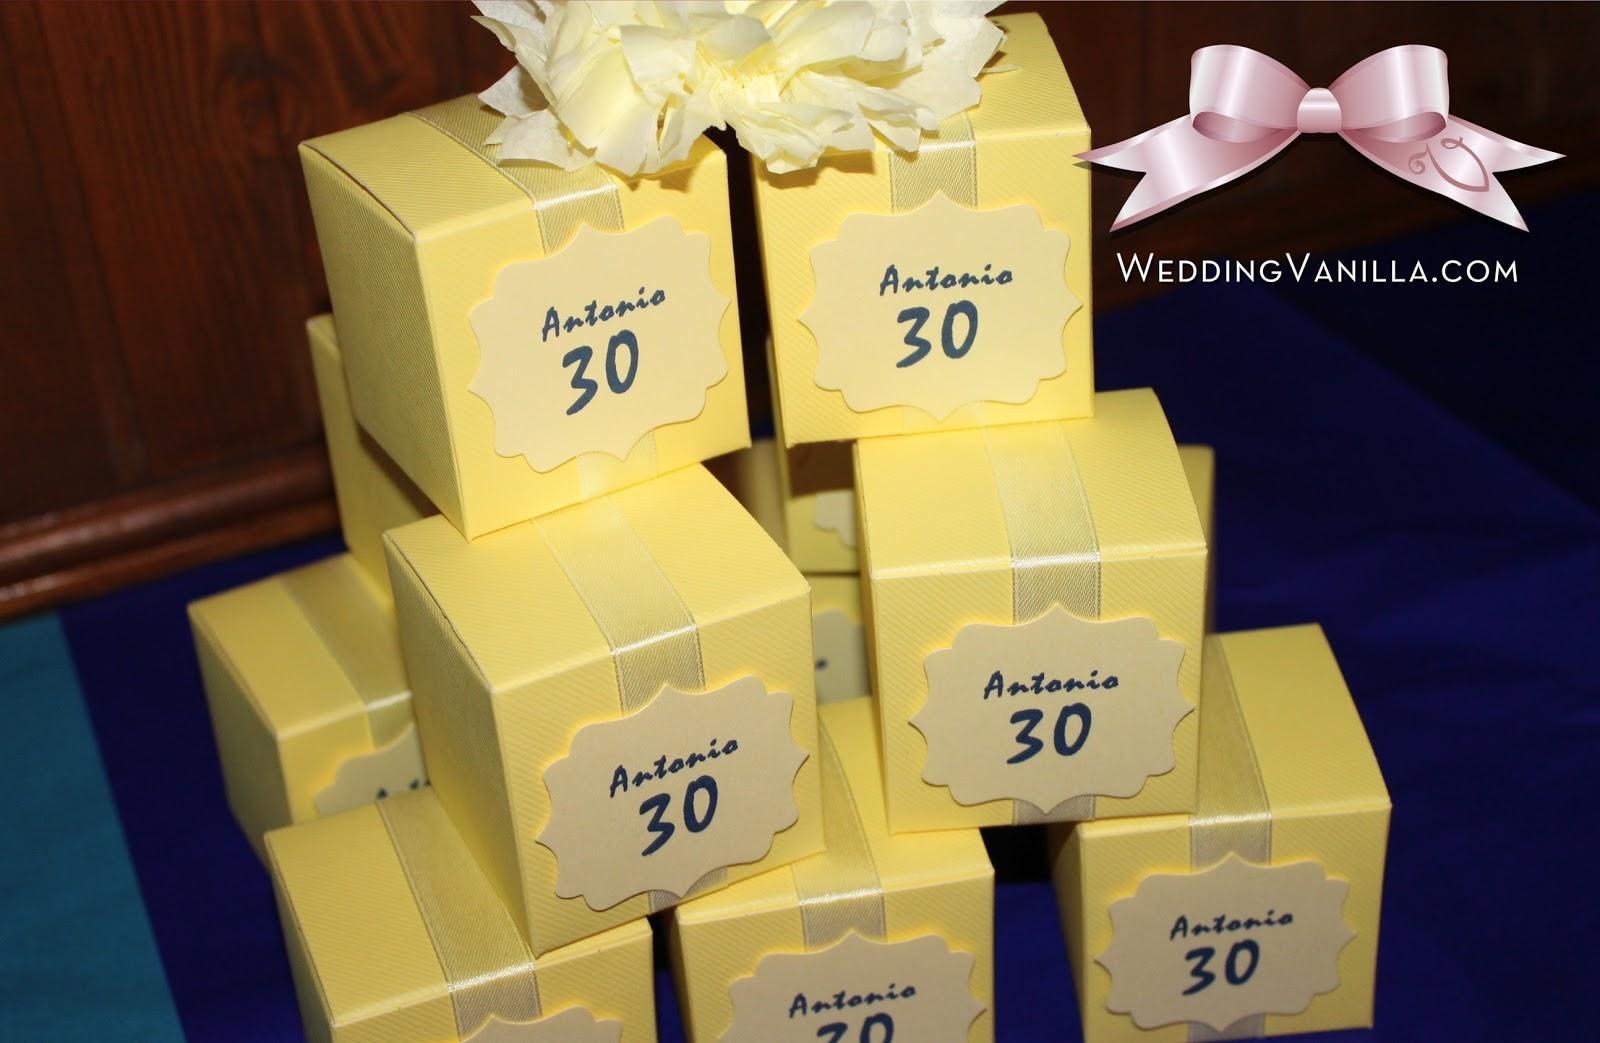 Popolare Vanilla Wedding Design: 30 anni: Festa di compleanno di Antonio  VA74